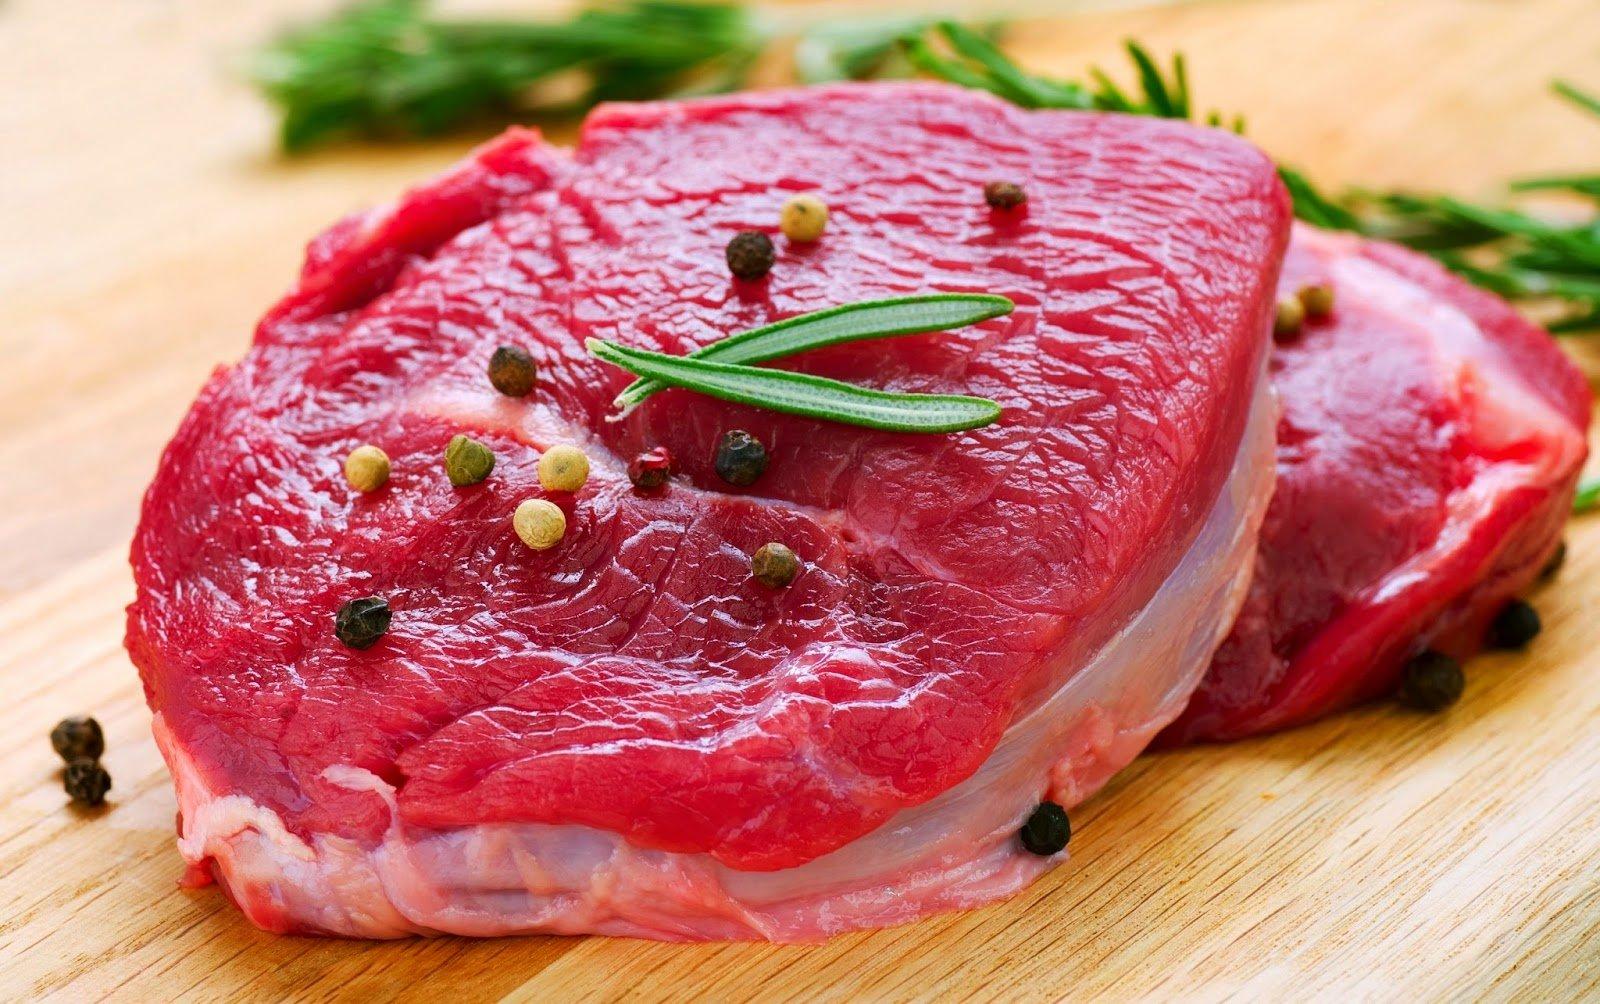 Kết quả hình ảnh cho thịt bò đỏ